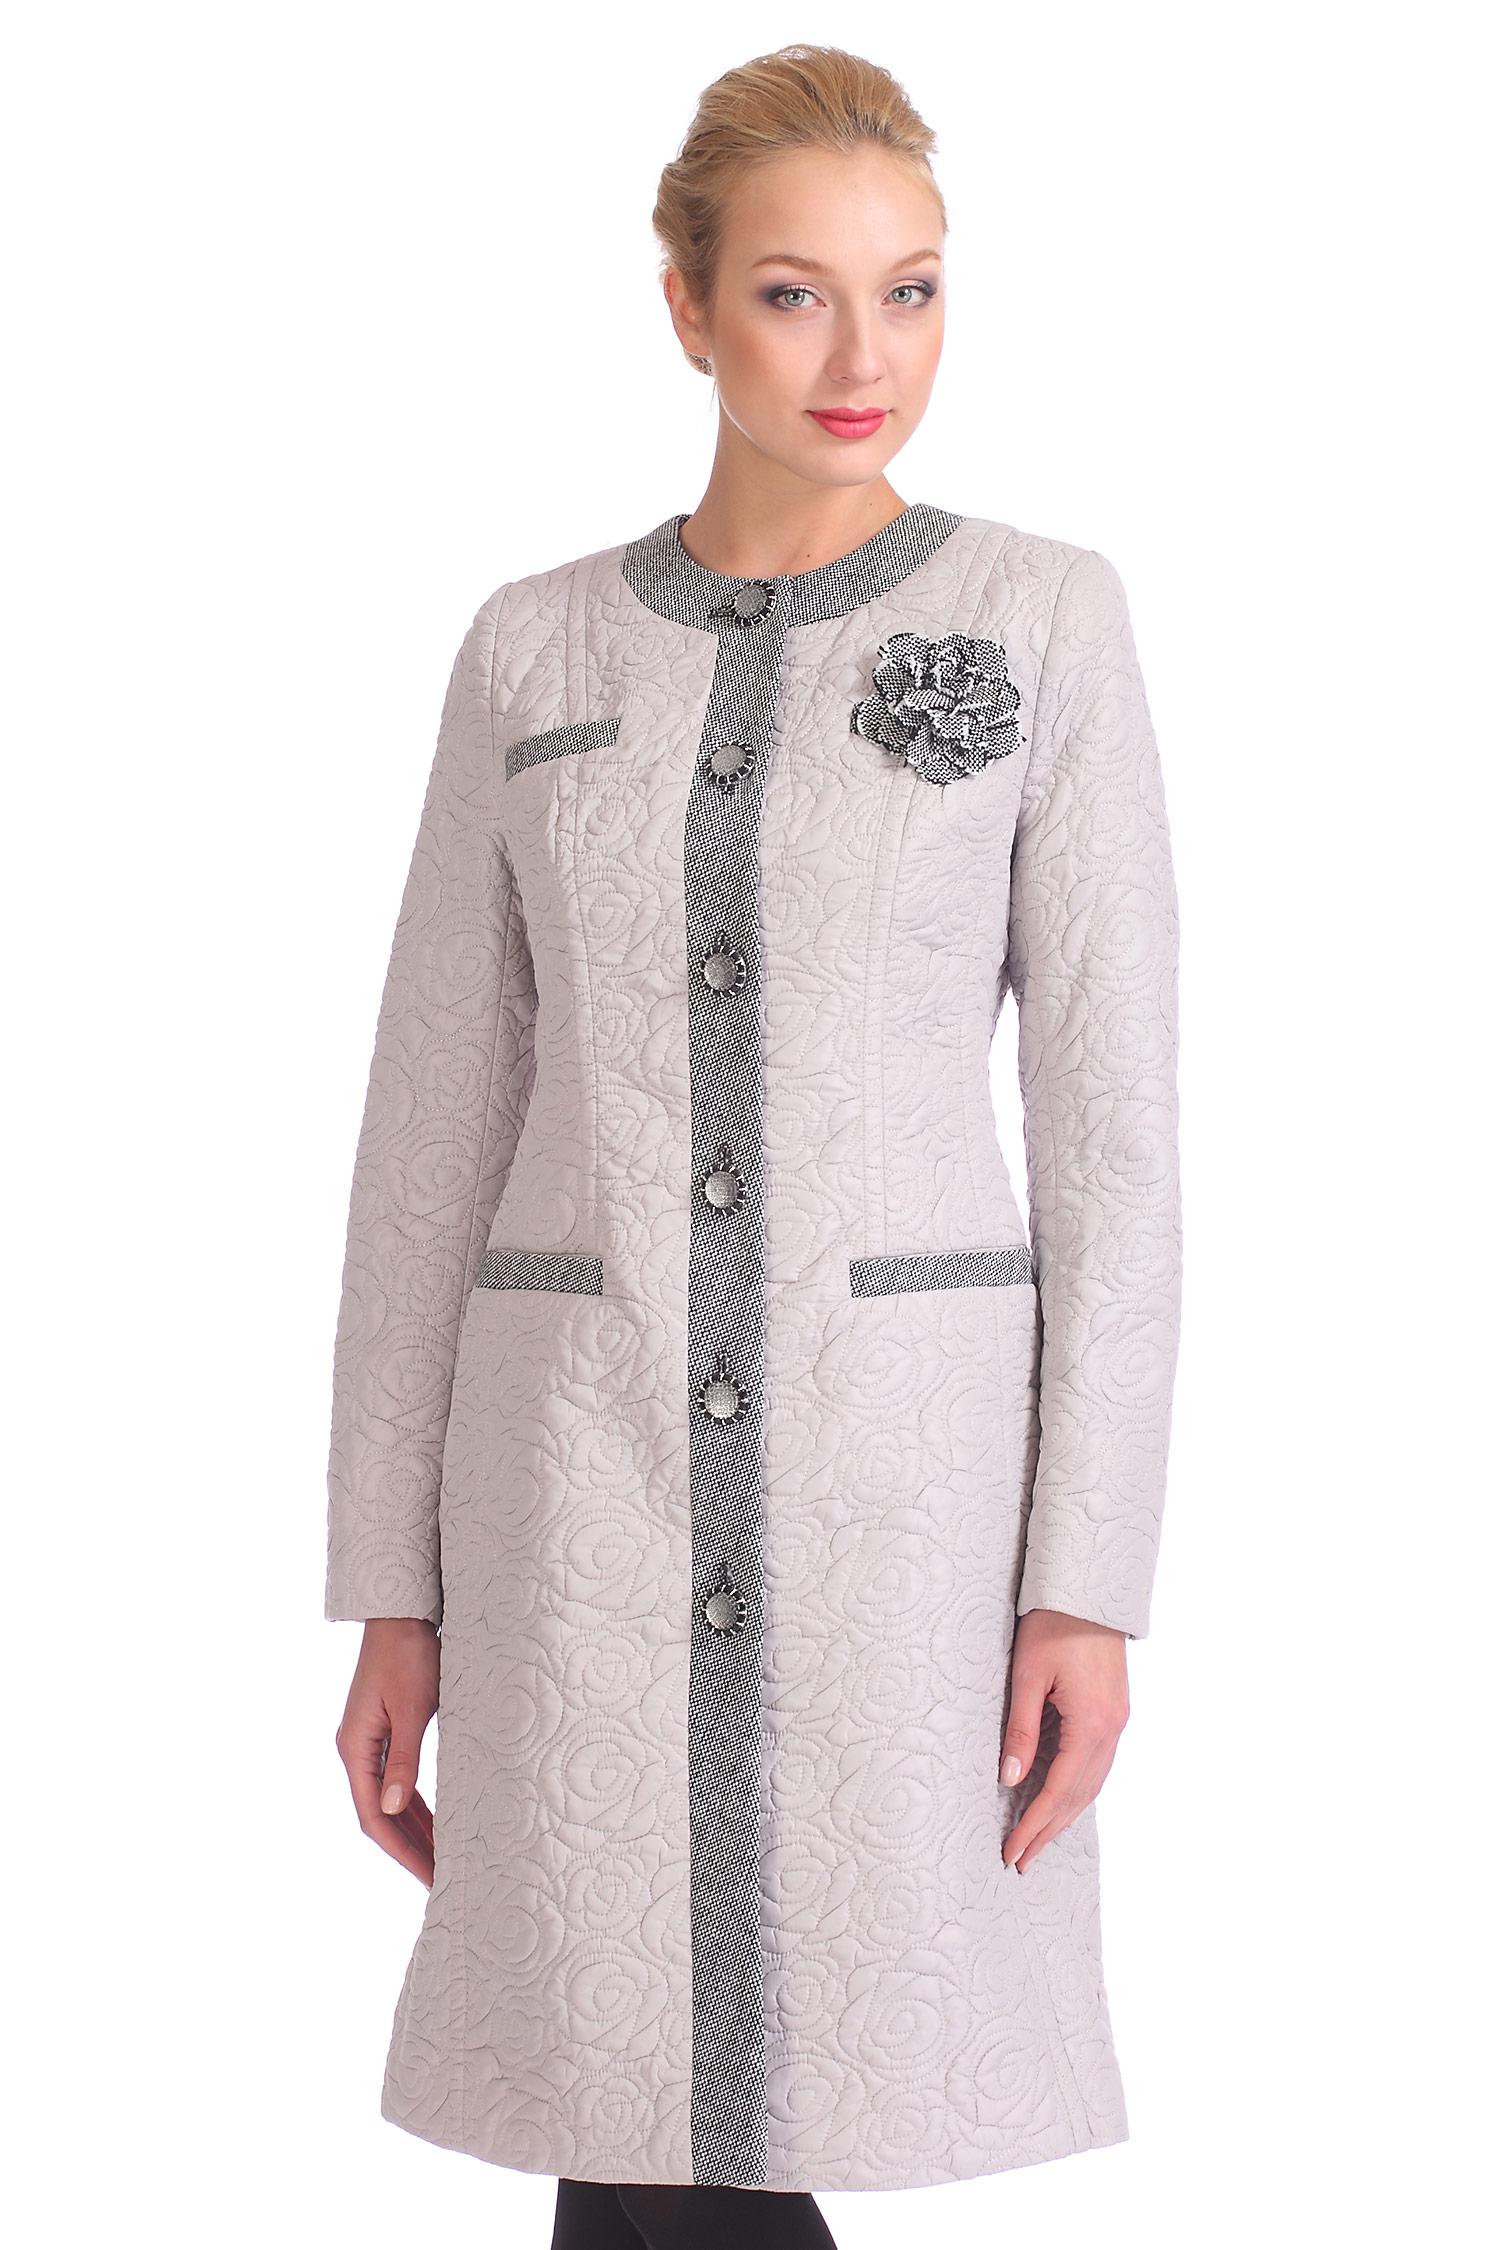 Женское пальто с воротником, без отделки<br><br>Воротник: Шанель<br>Длина см: 100<br>Материал: 100% полиэстер<br>Цвет: Светло-бежевый<br>Пол: Женский